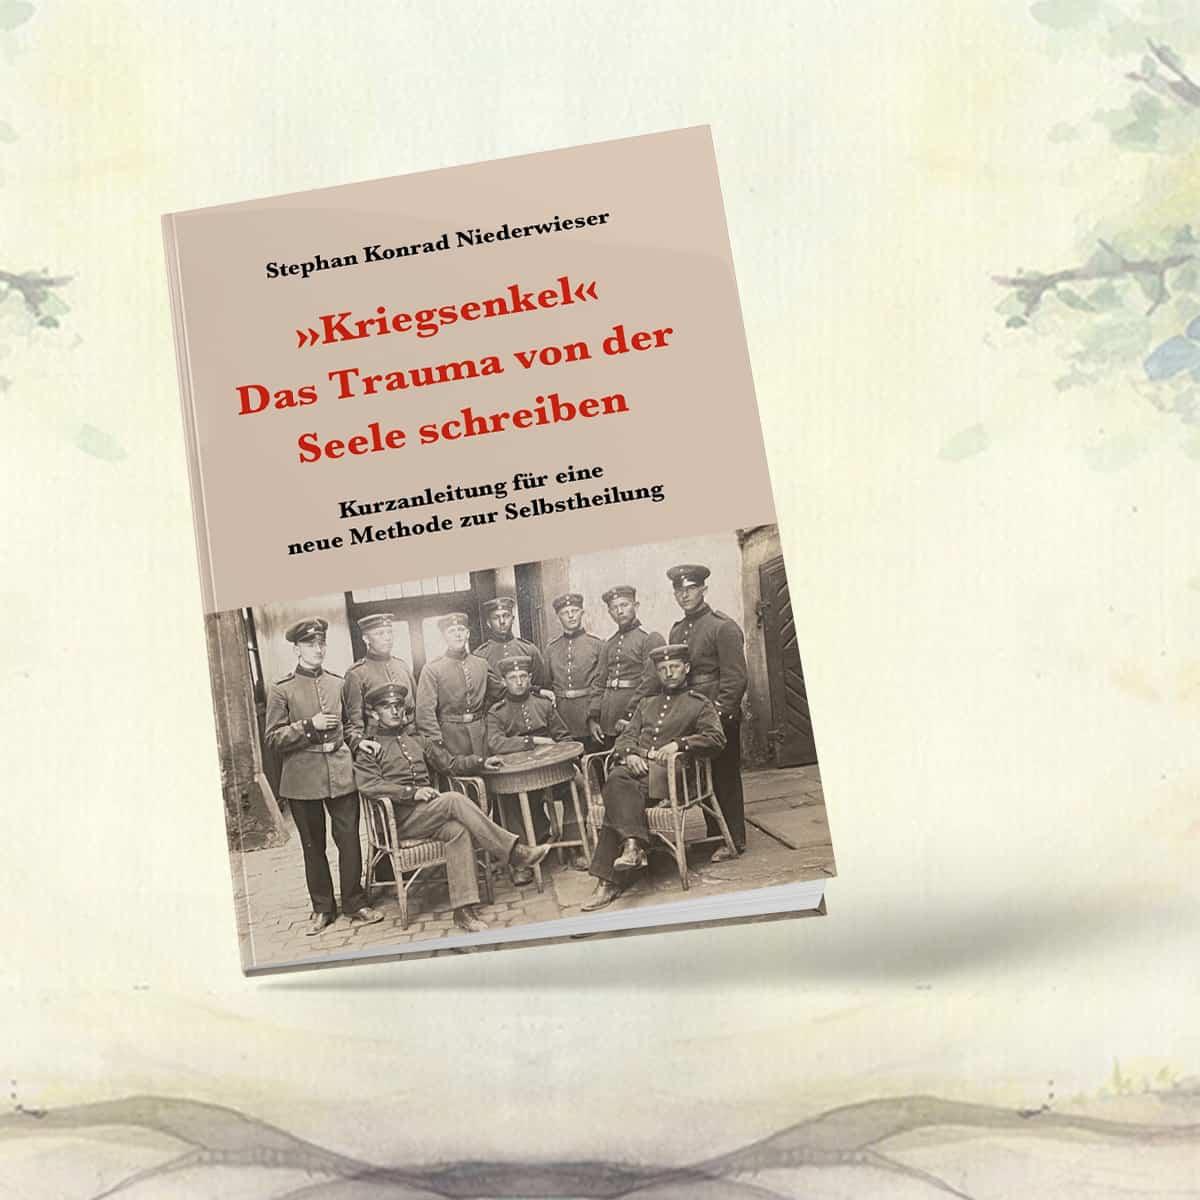 bonus-ebook-kriegsenkel-trauma-schreiben-niederwieser